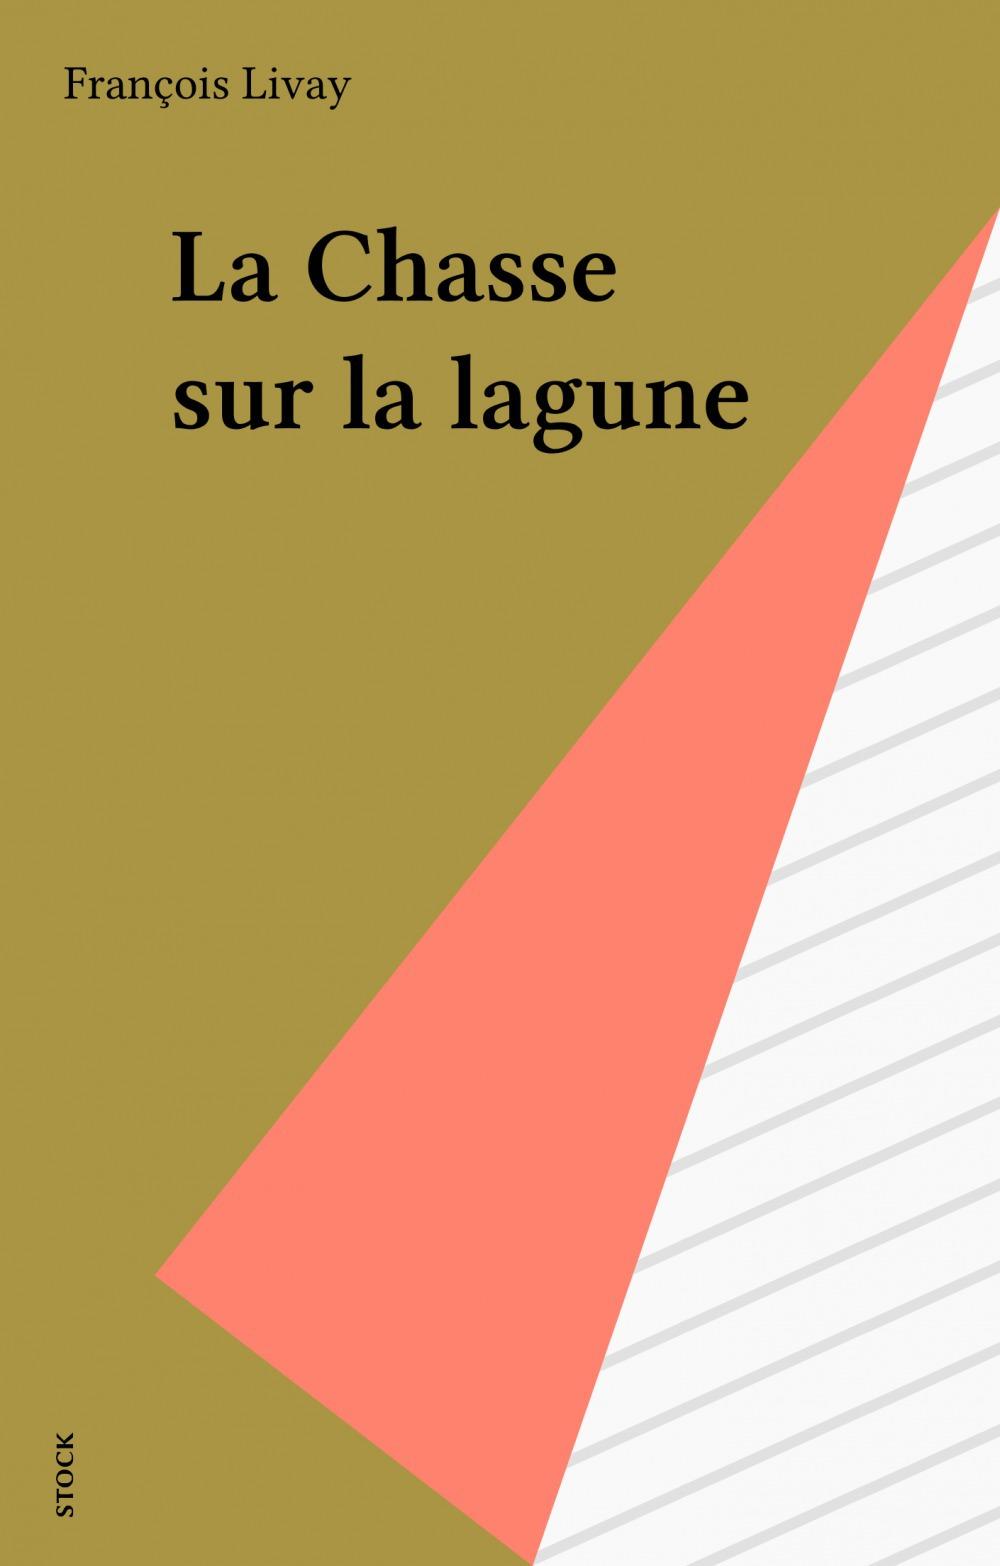 La Chasse sur la lagune  - François Livay